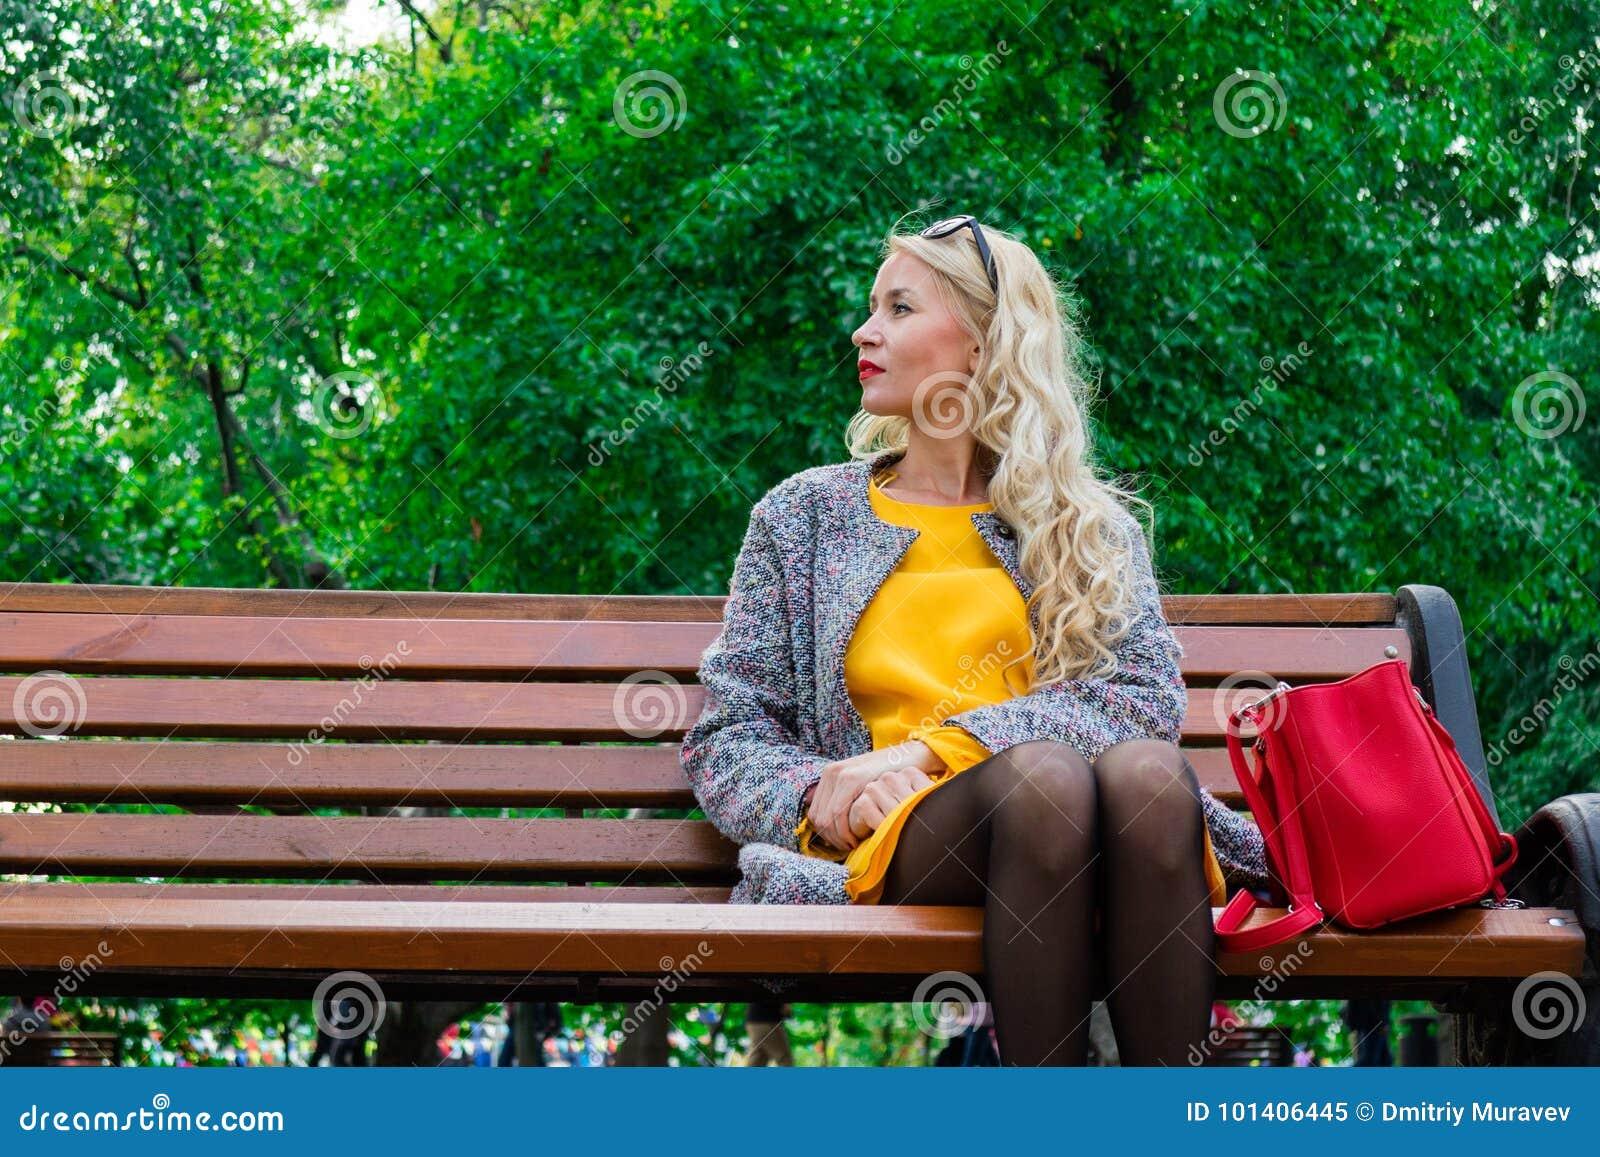 клип девушка блондинка ждала парня чего улыбнулся